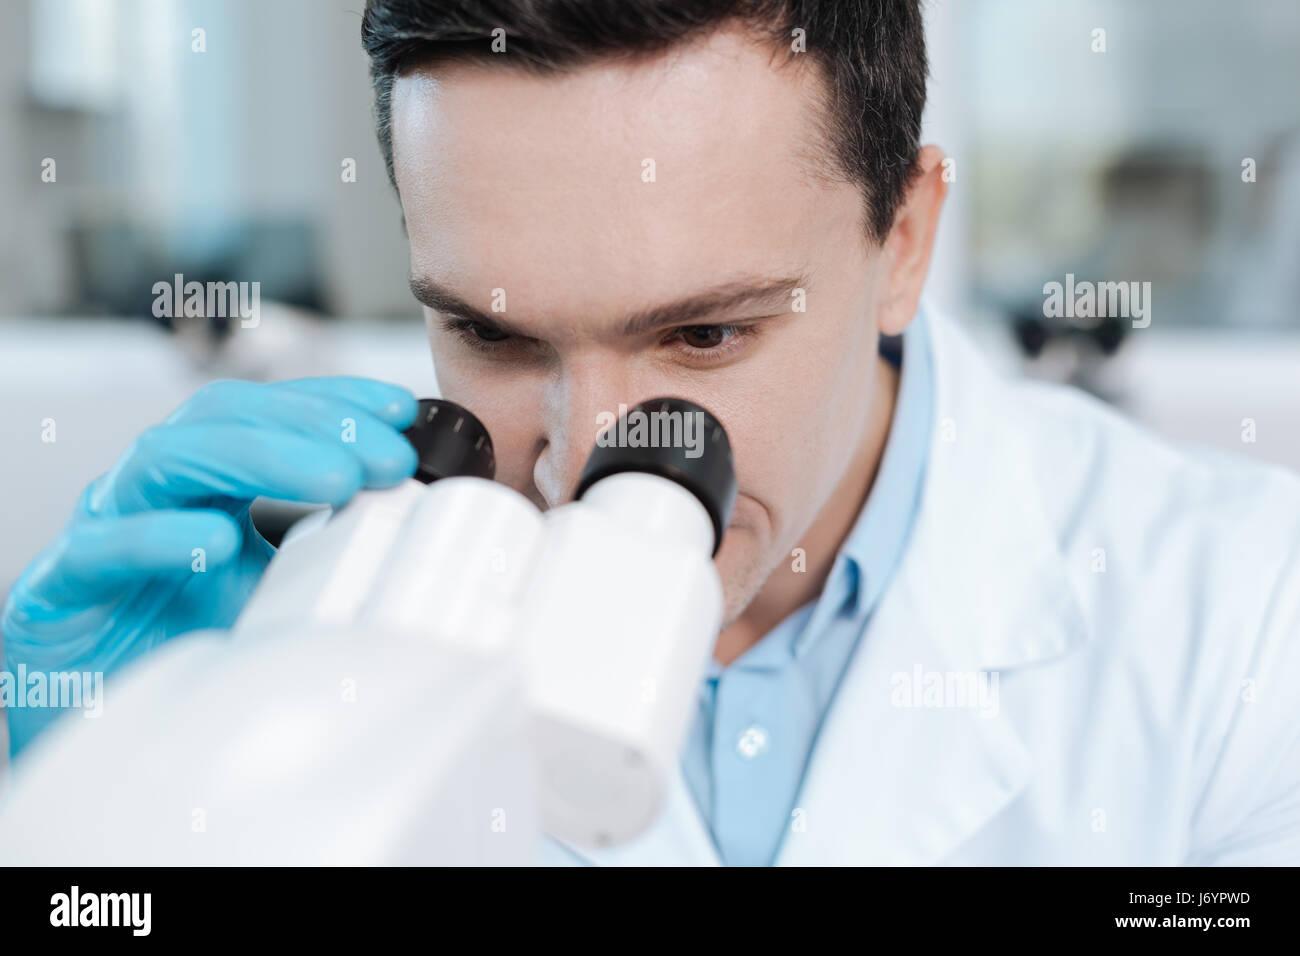 Nahaufnahme von freundlich aussehende Wissenschaftler, dass die Arbeit im Labor Stockbild